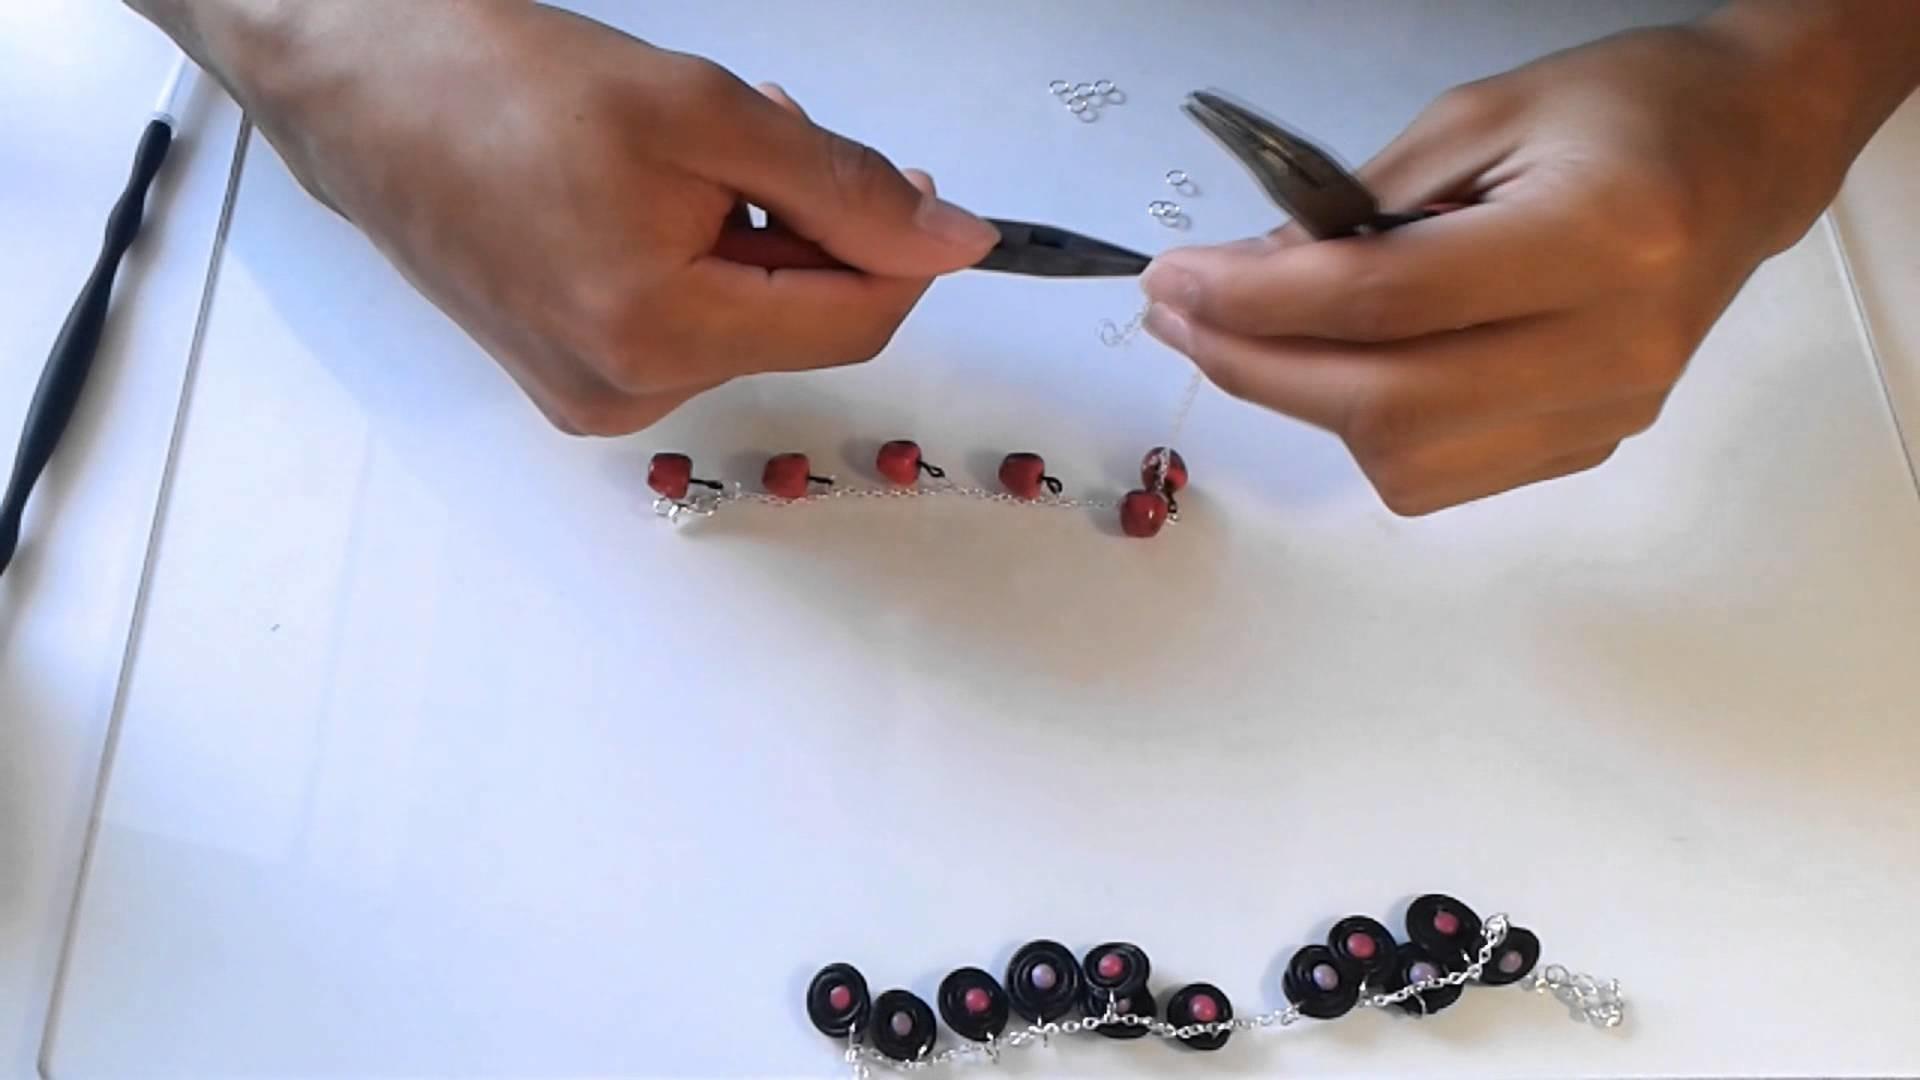 Tuto bijoux: montage bracelet - jewelry tutorial: make bracelet